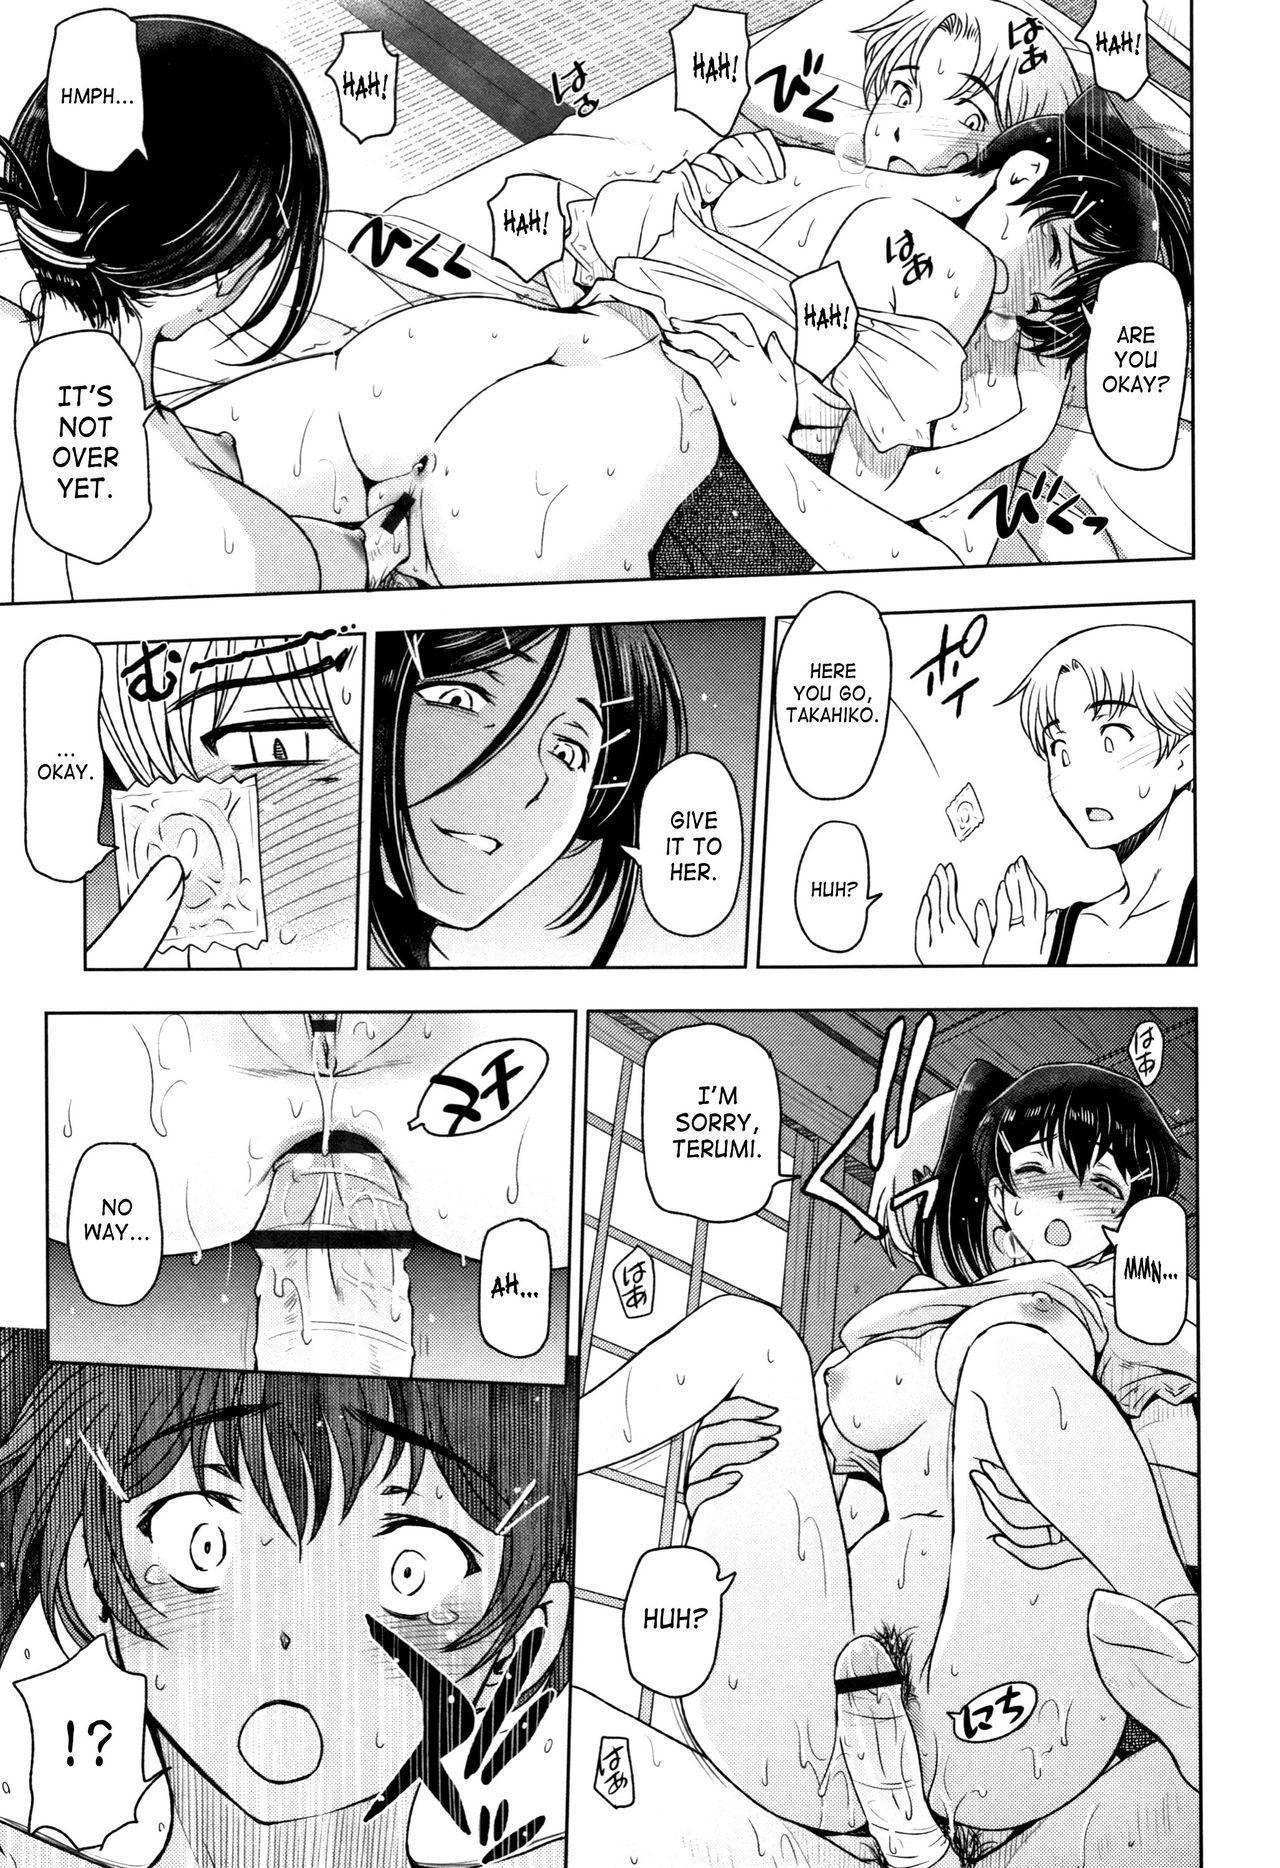 [Sena Youtarou] Natsu-jiru ~Ase ni Mamirete Gucchagucha~ Ch. 2-10 [English] [SaHa + Team Koinaka] 140